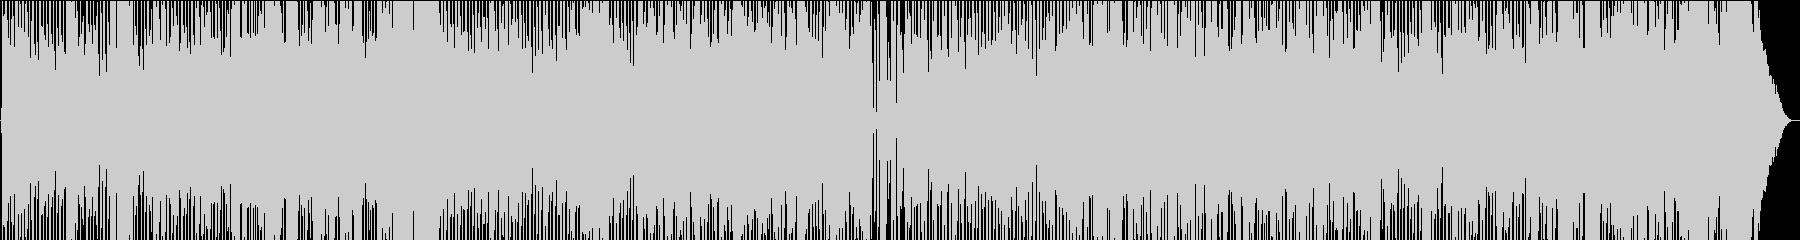 軽快なJazz系カントリー楽曲の未再生の波形